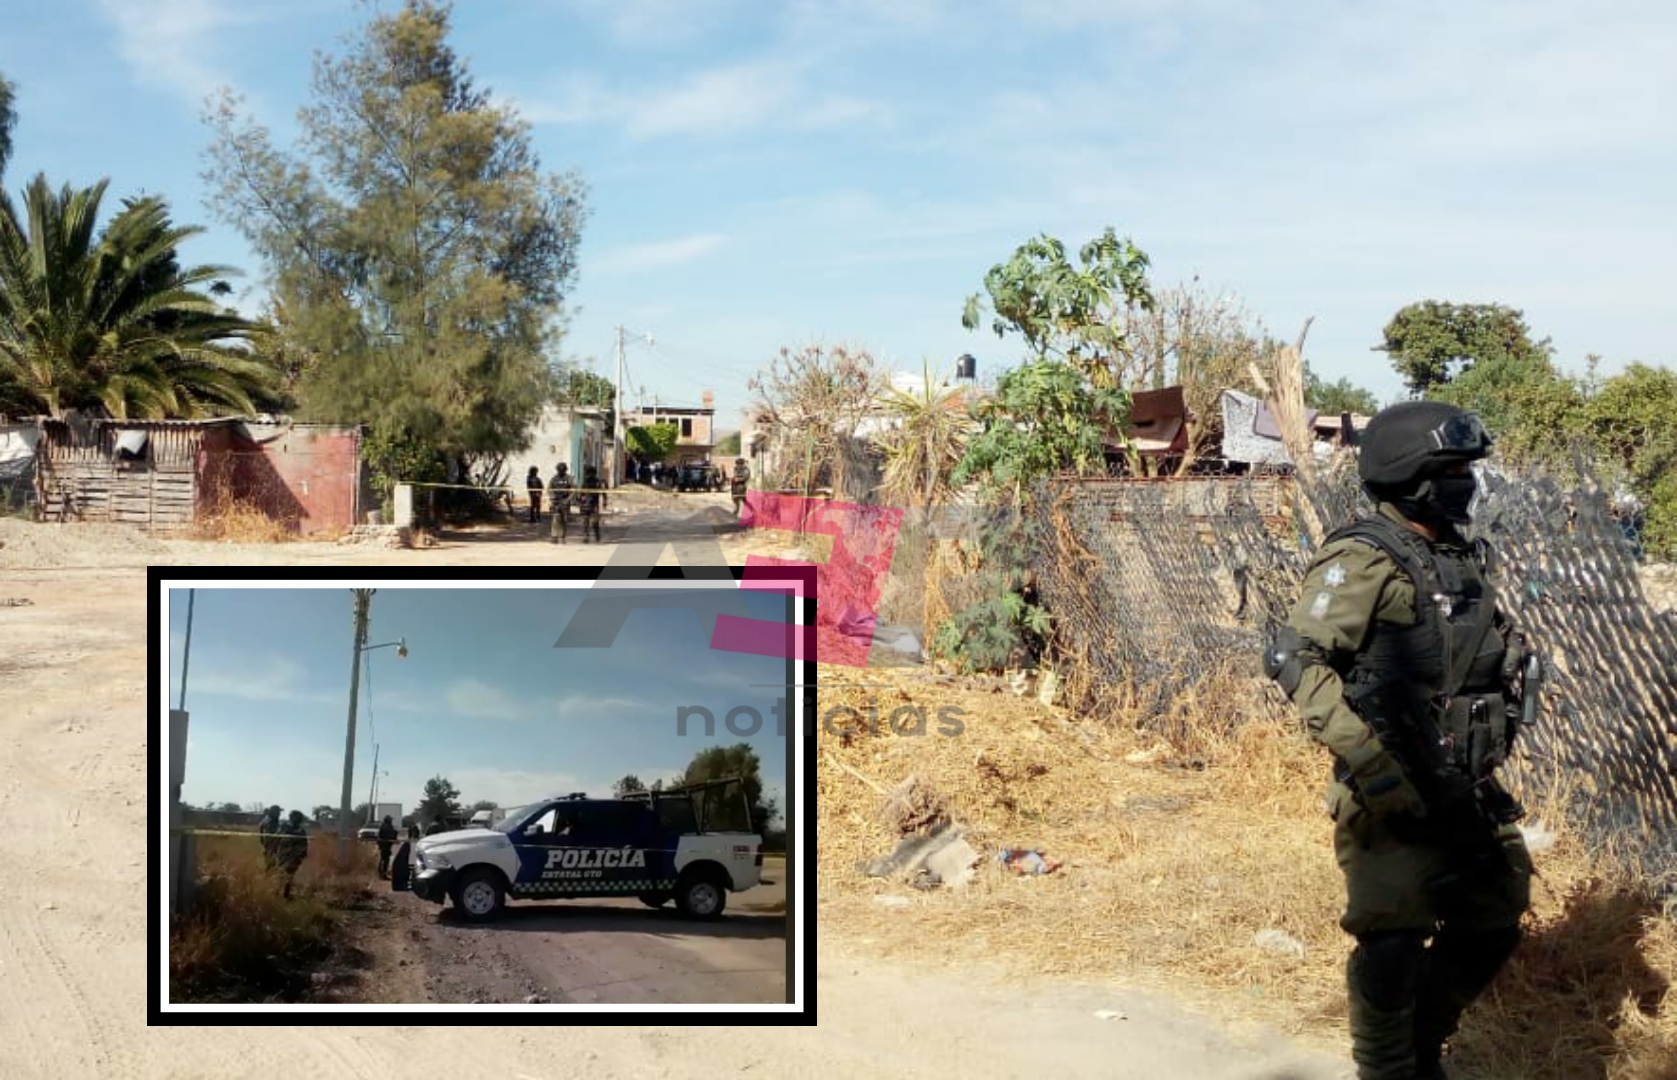 En enfrentamiento en Juventino, confirman 5 civiles muertos, 4 detenidos y el aseguramiento de armas, droga y equipo táctico. 1